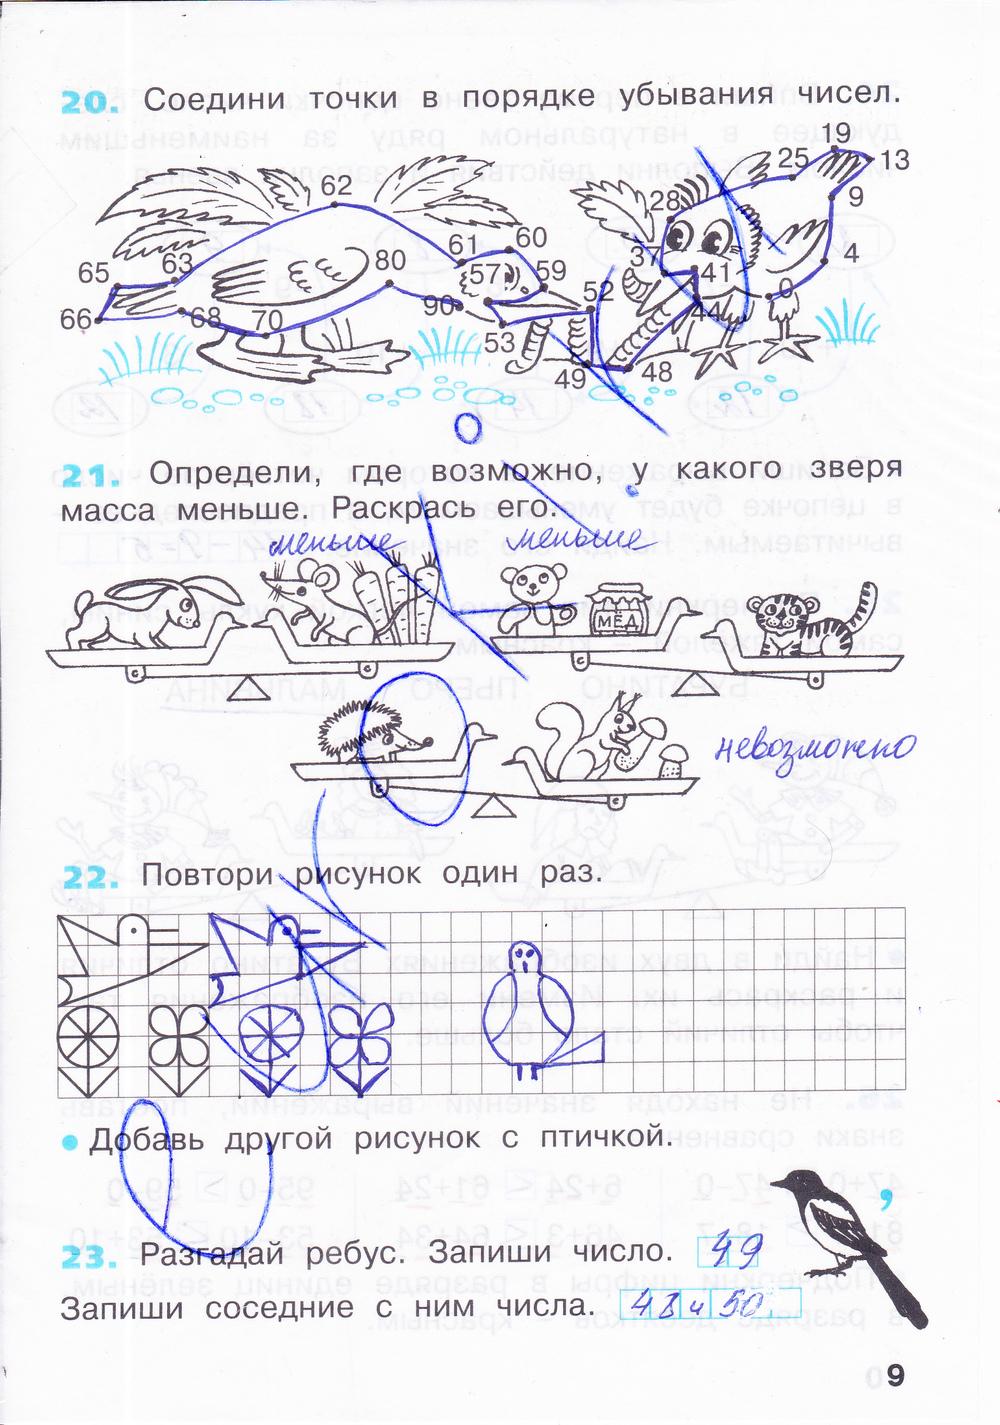 Решебник По Математике 2 Класс 3 Часть Бененсон